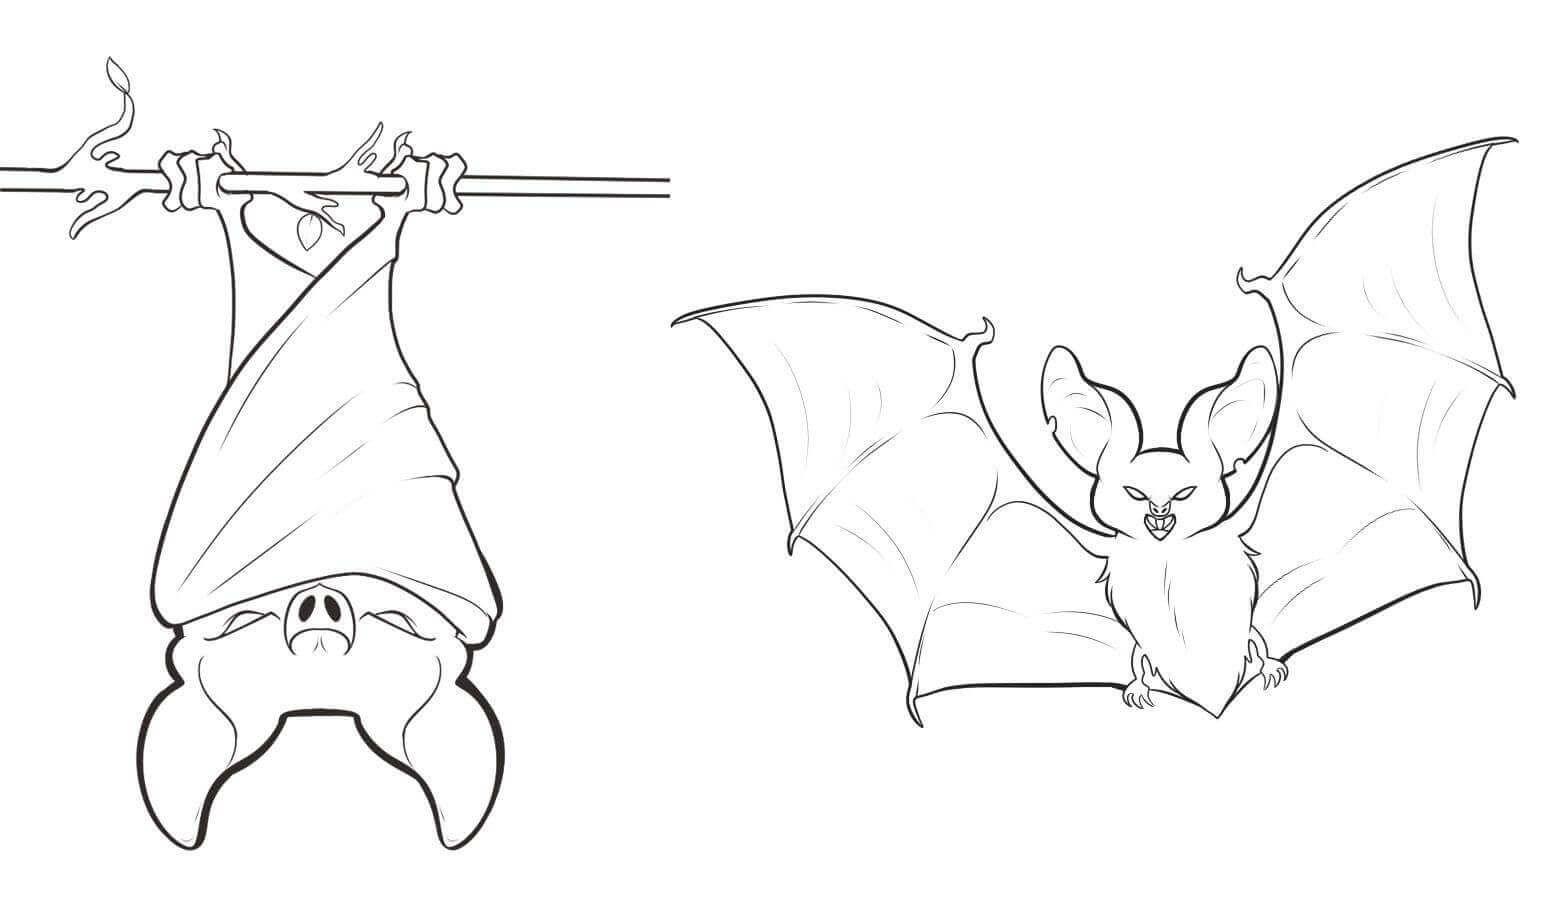 Bat hanging upside.